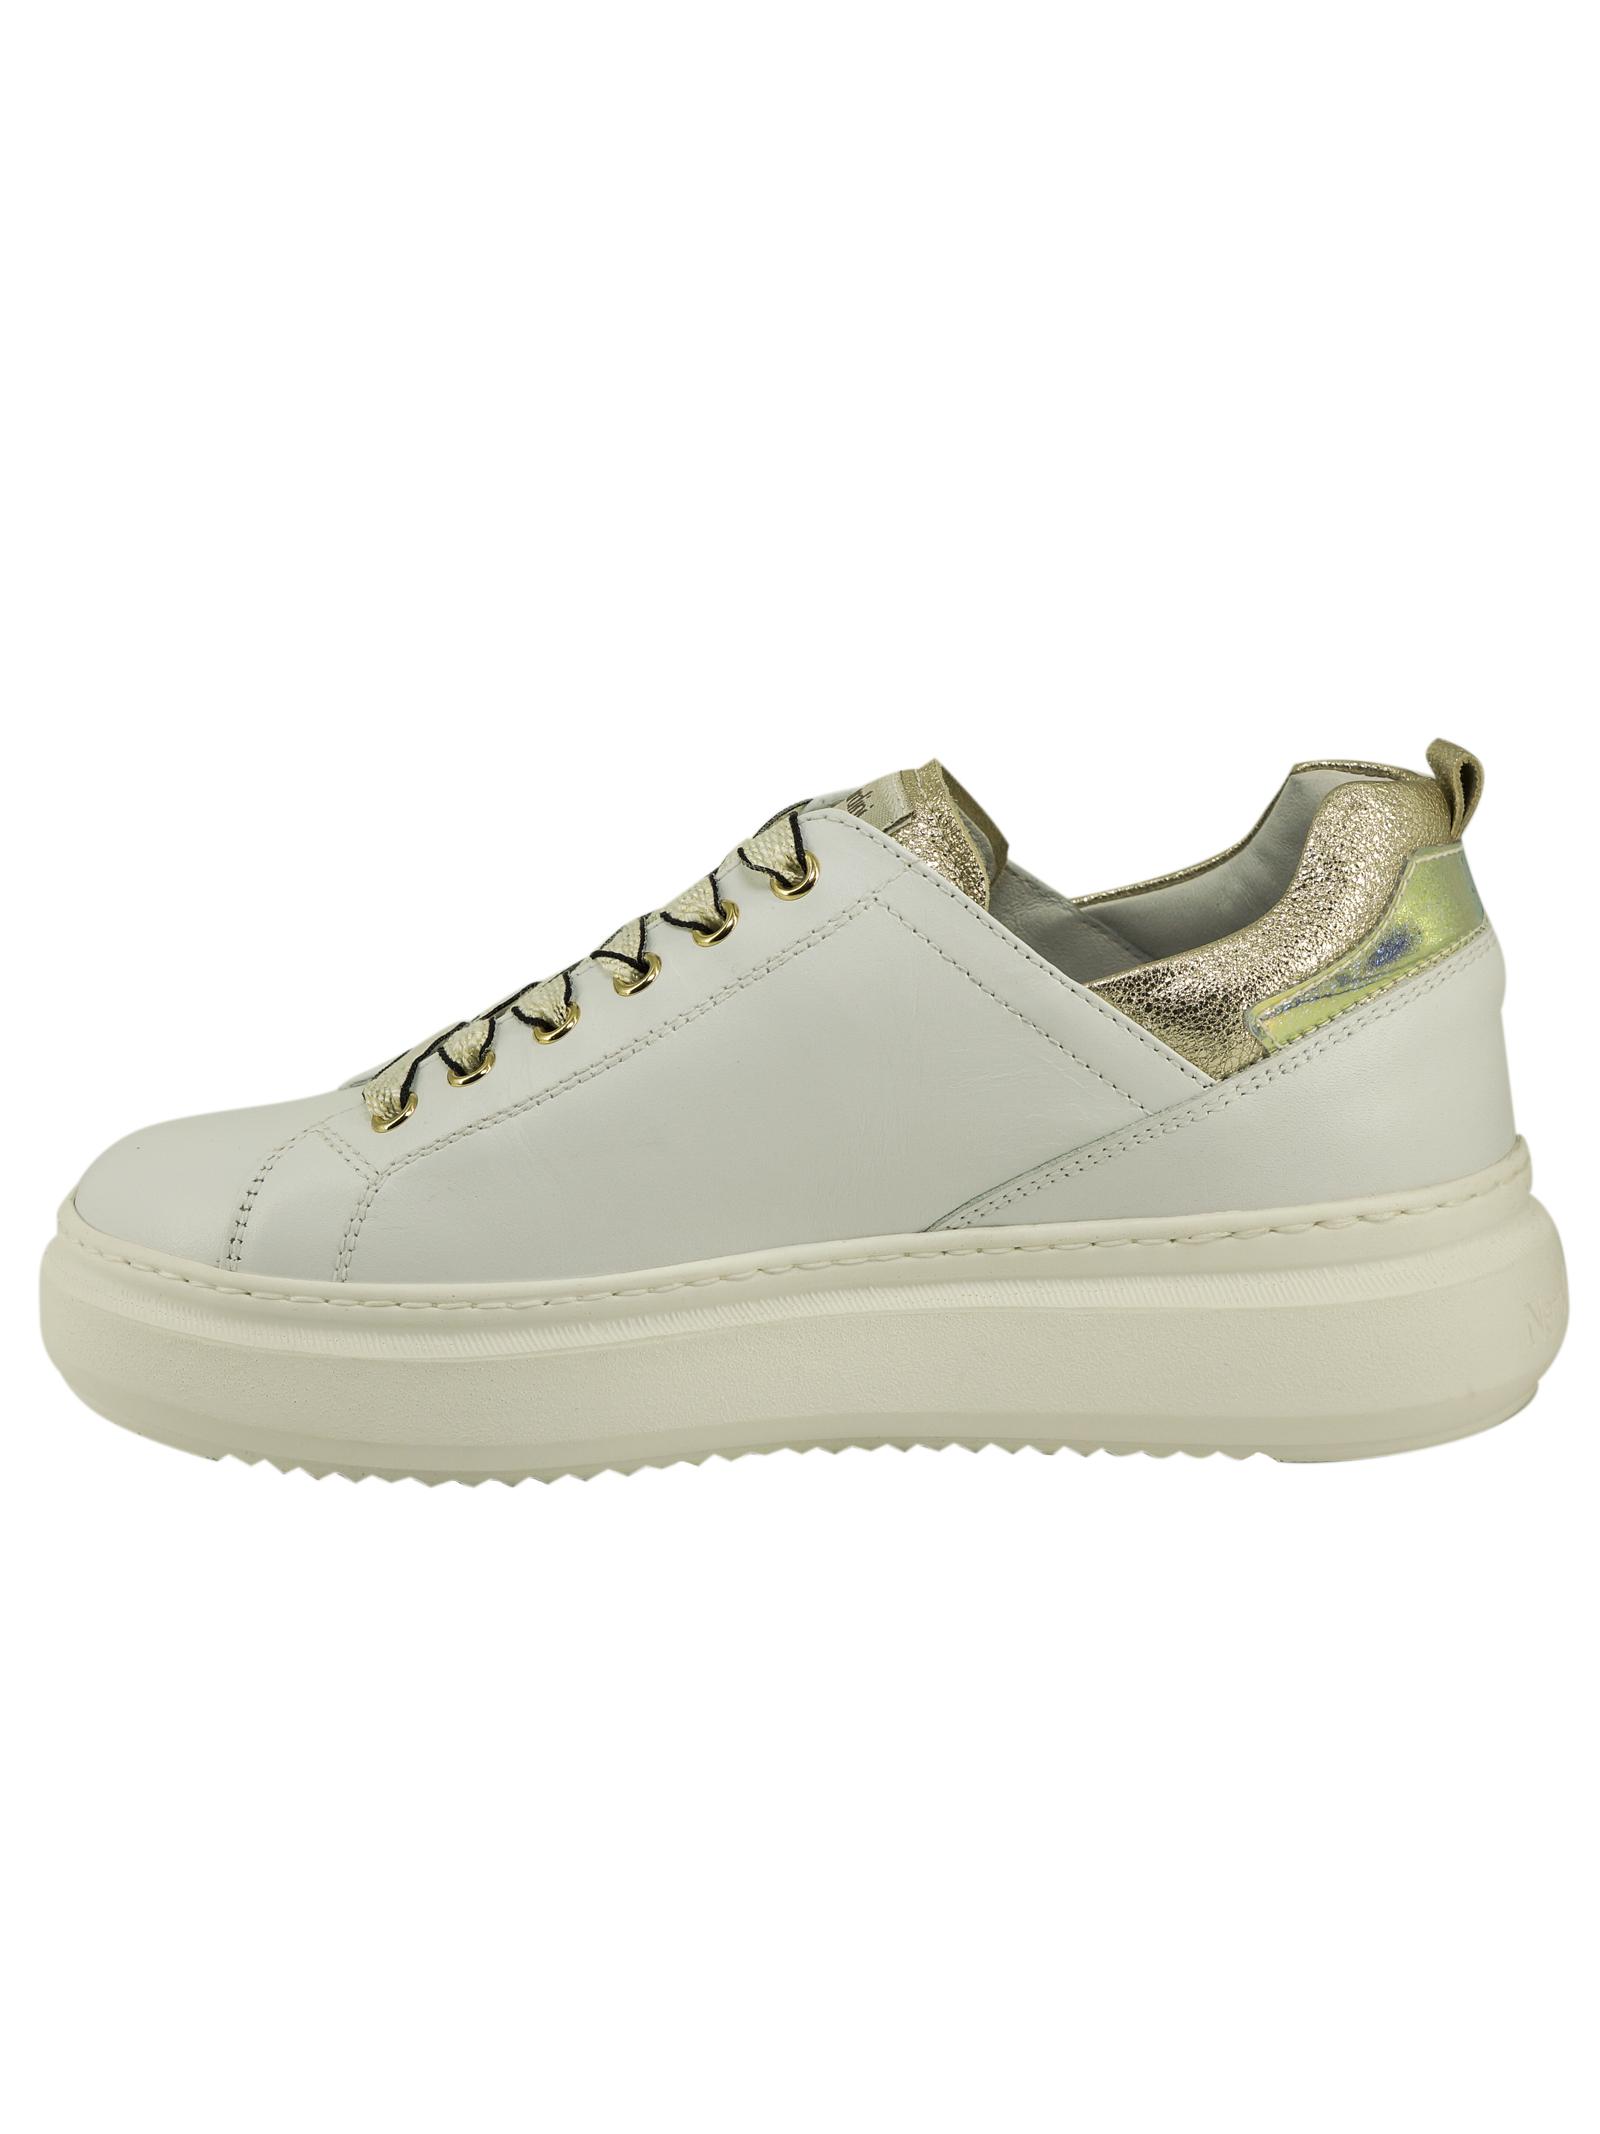 Sneakers Donna in Pelle Nero Giardini Nero Giardini | Sneakers | E115263DBIANCO707